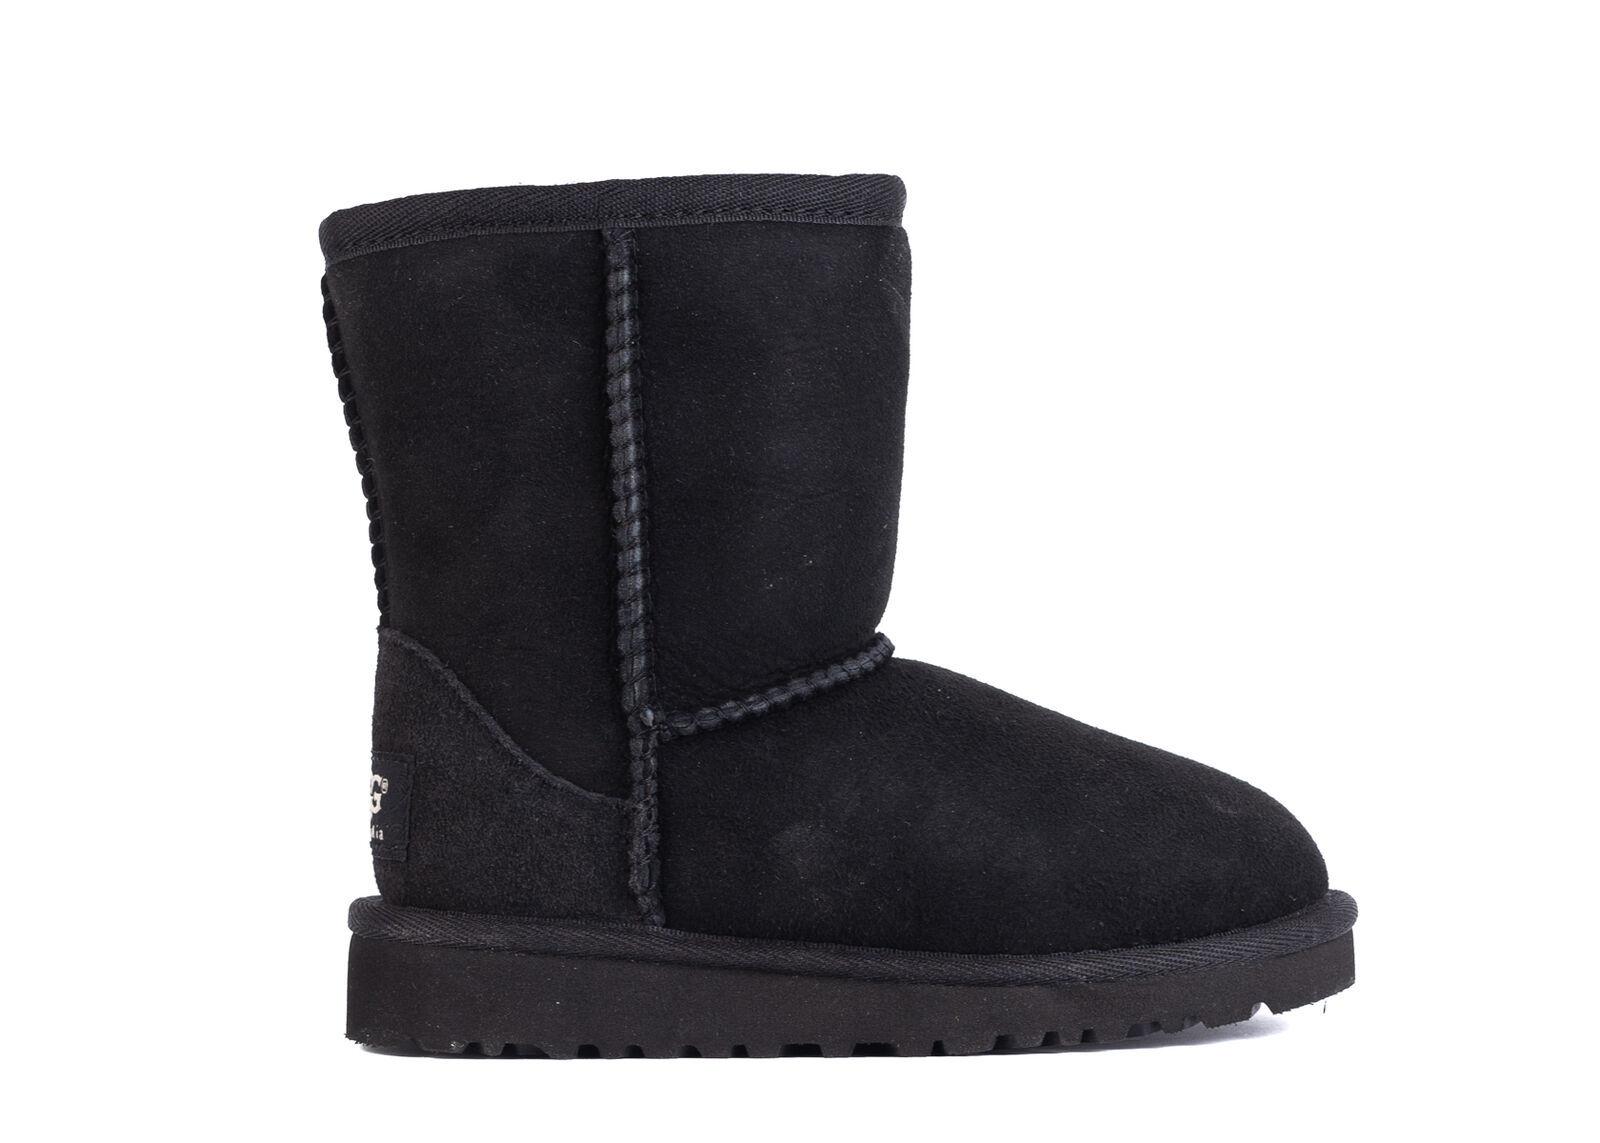 a2903e3f963 Andiamo Boot: 3 listings